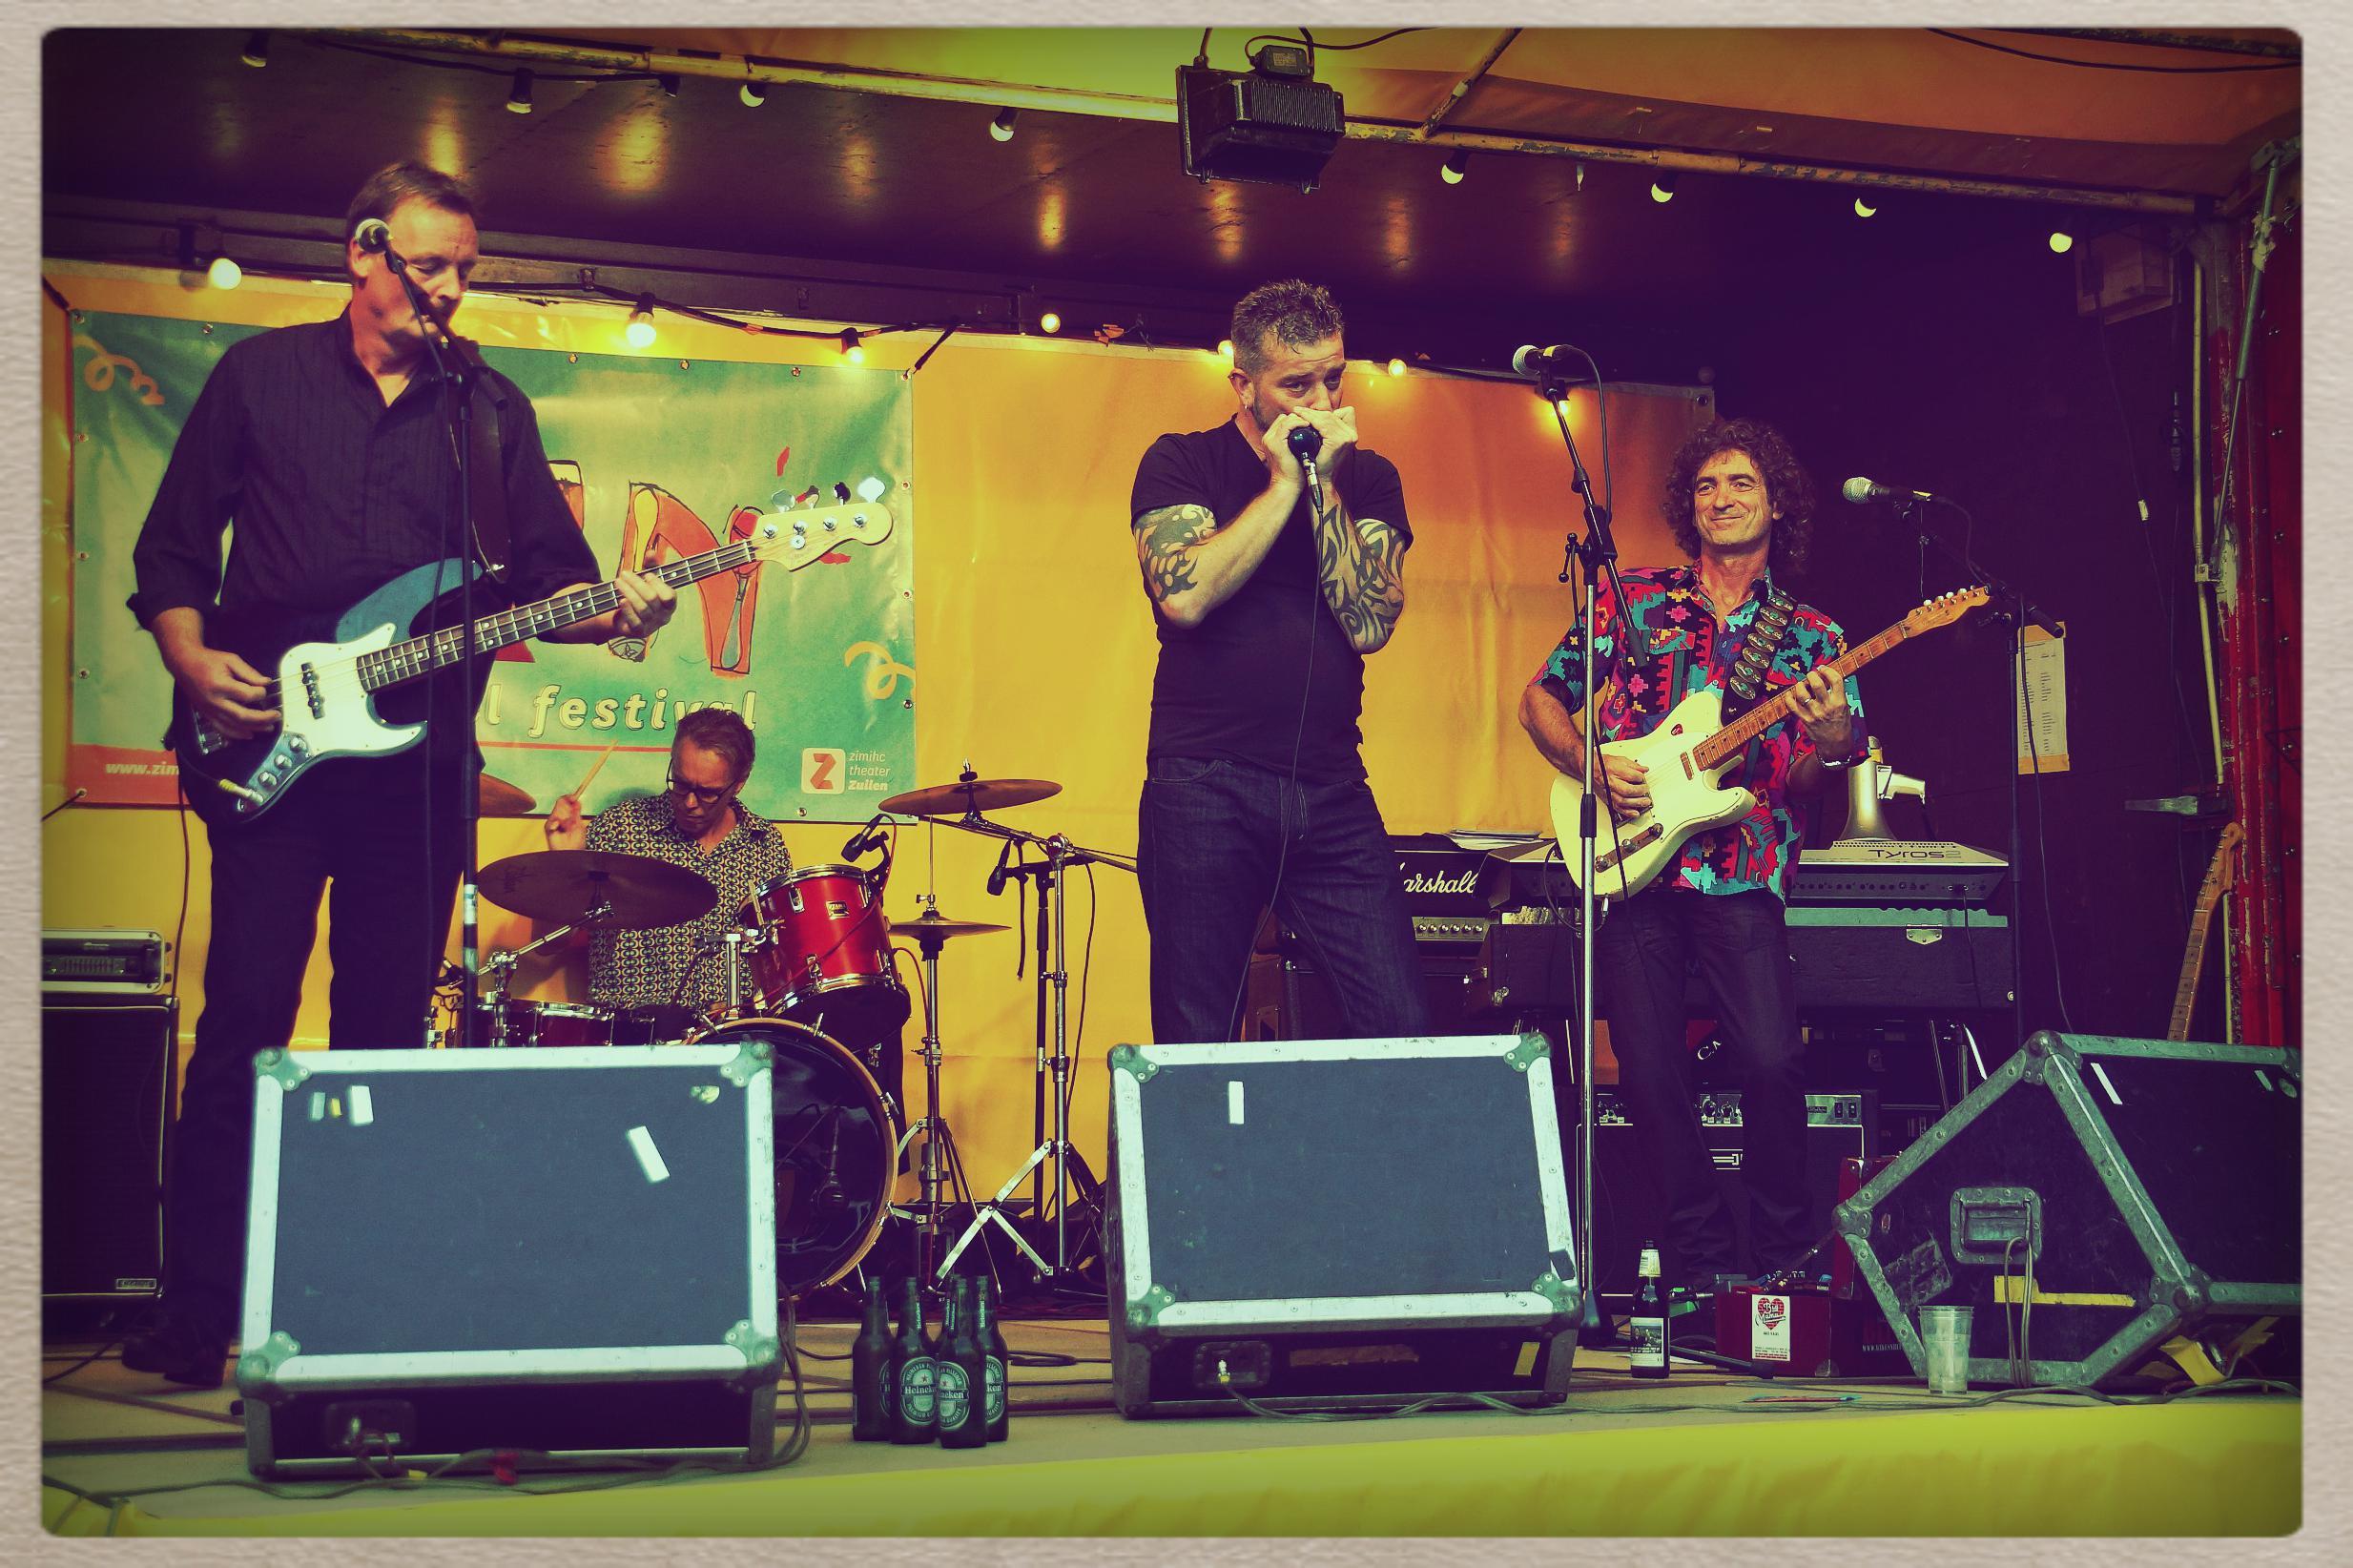 ZON Festival, Zuilen Utrecht, 14 september 2014. Foto: Maarten van de Krol.